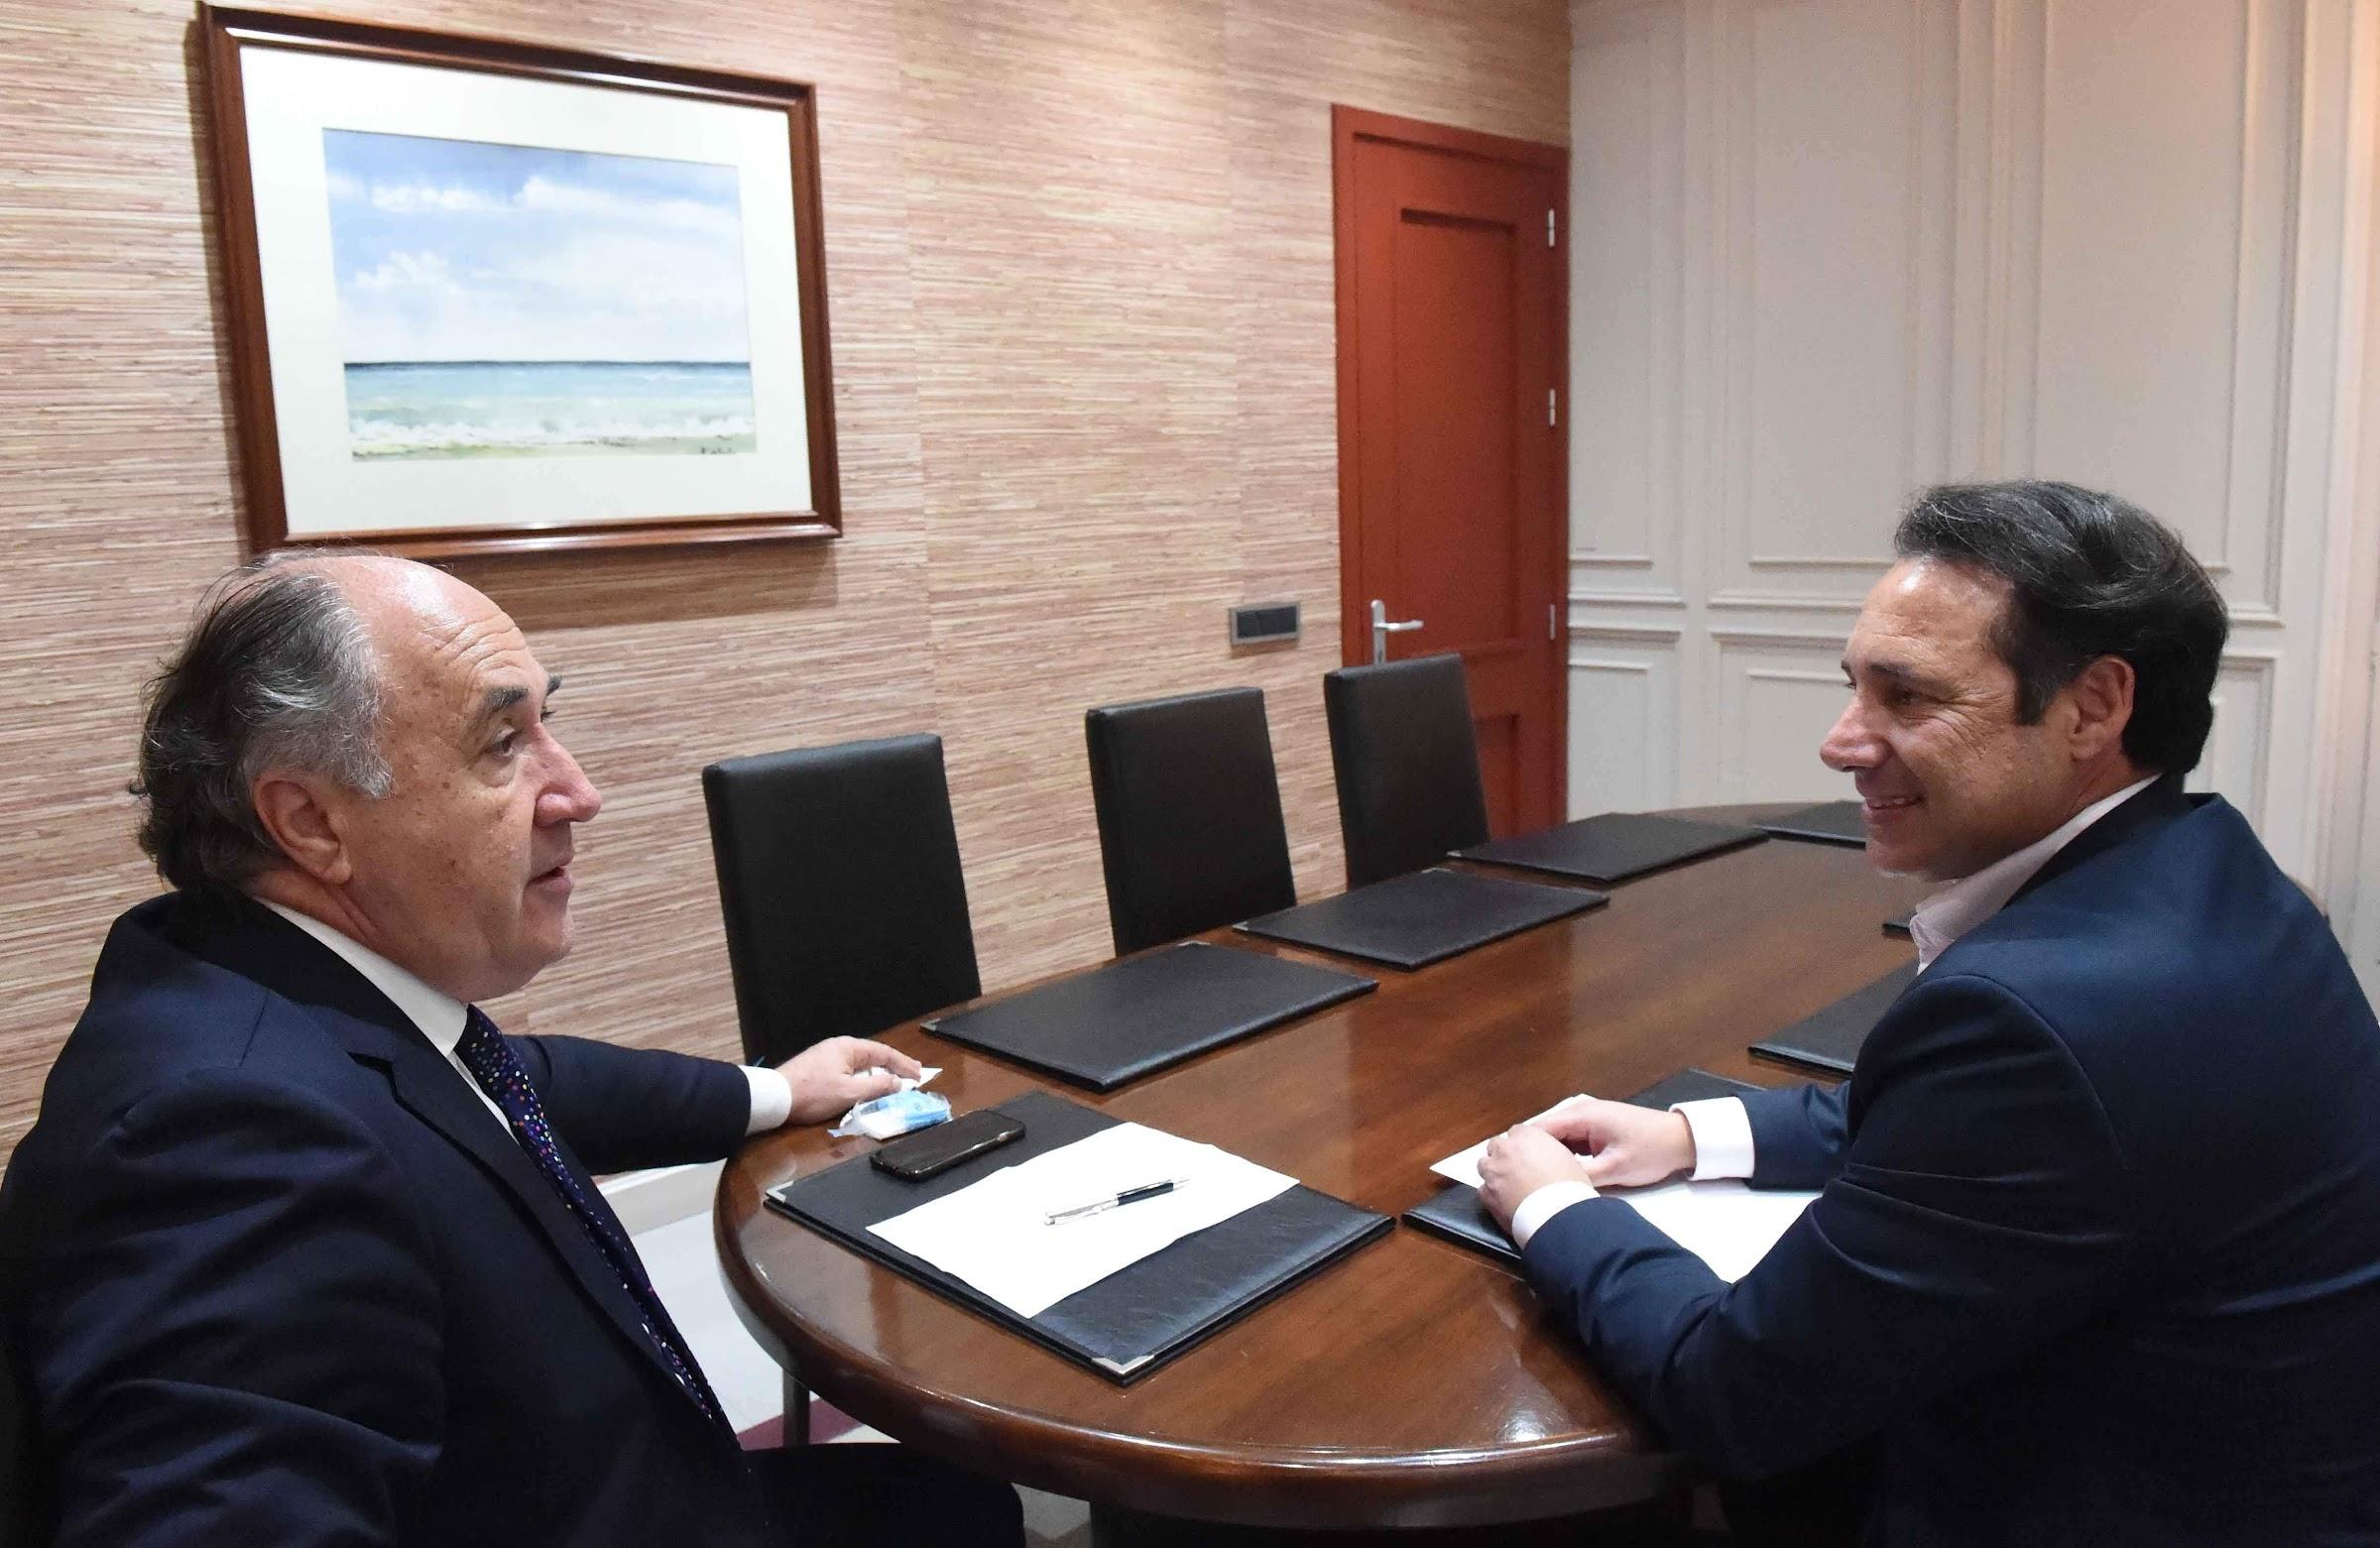 El Director Gerente de Quirónsalud informa sobre la puesta en marcha de un centro médico en Algeciras